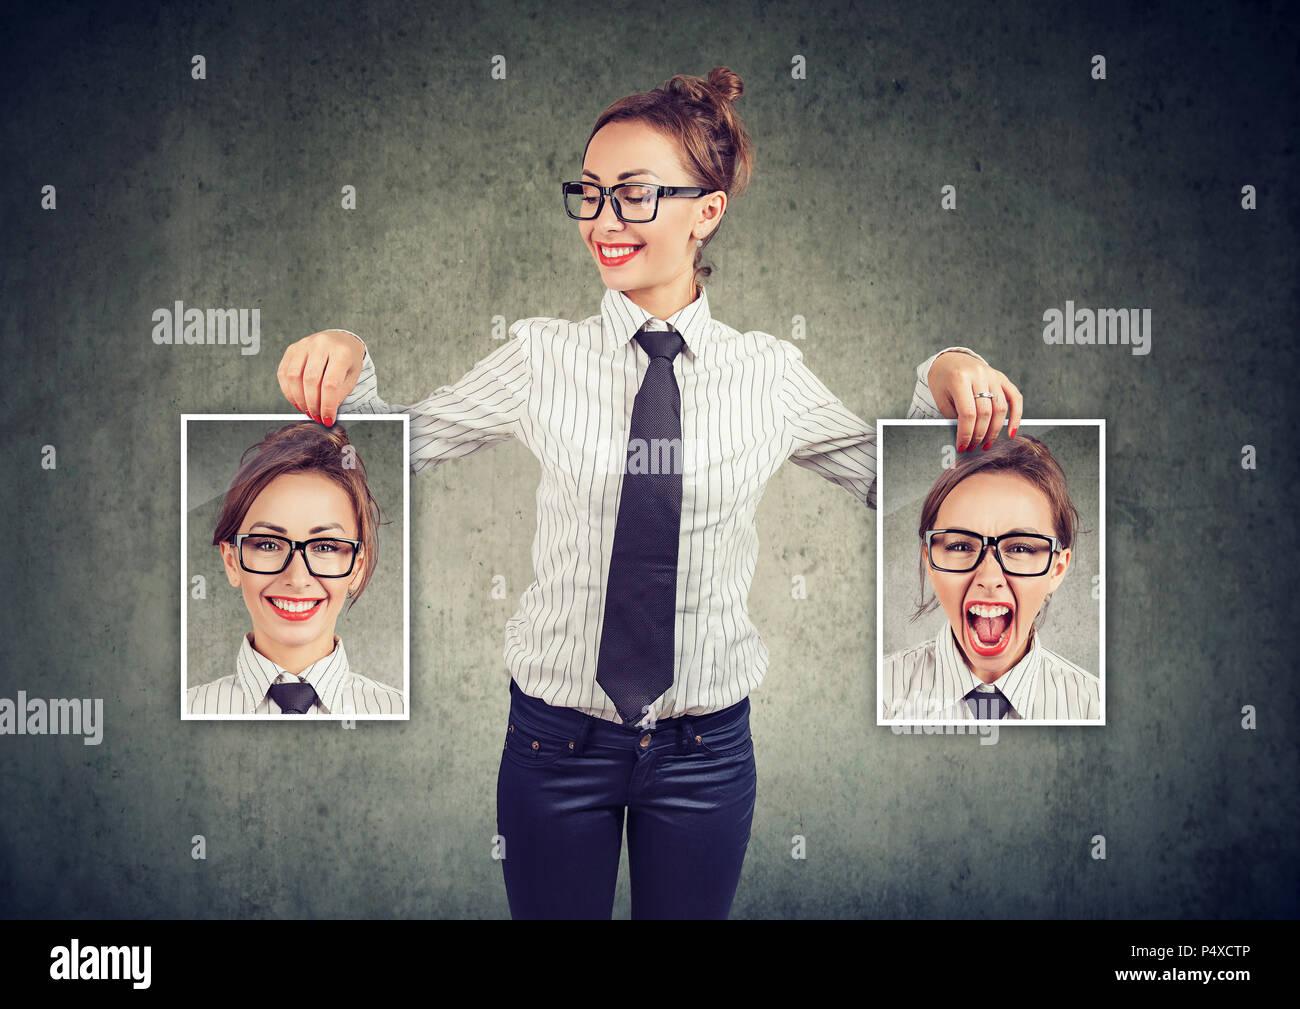 Jeune femme gaie dans les verres holding photos avec de bonnes et mauvaises émotions ayant de l'humeur et en souriant elle-même positive Photo Stock